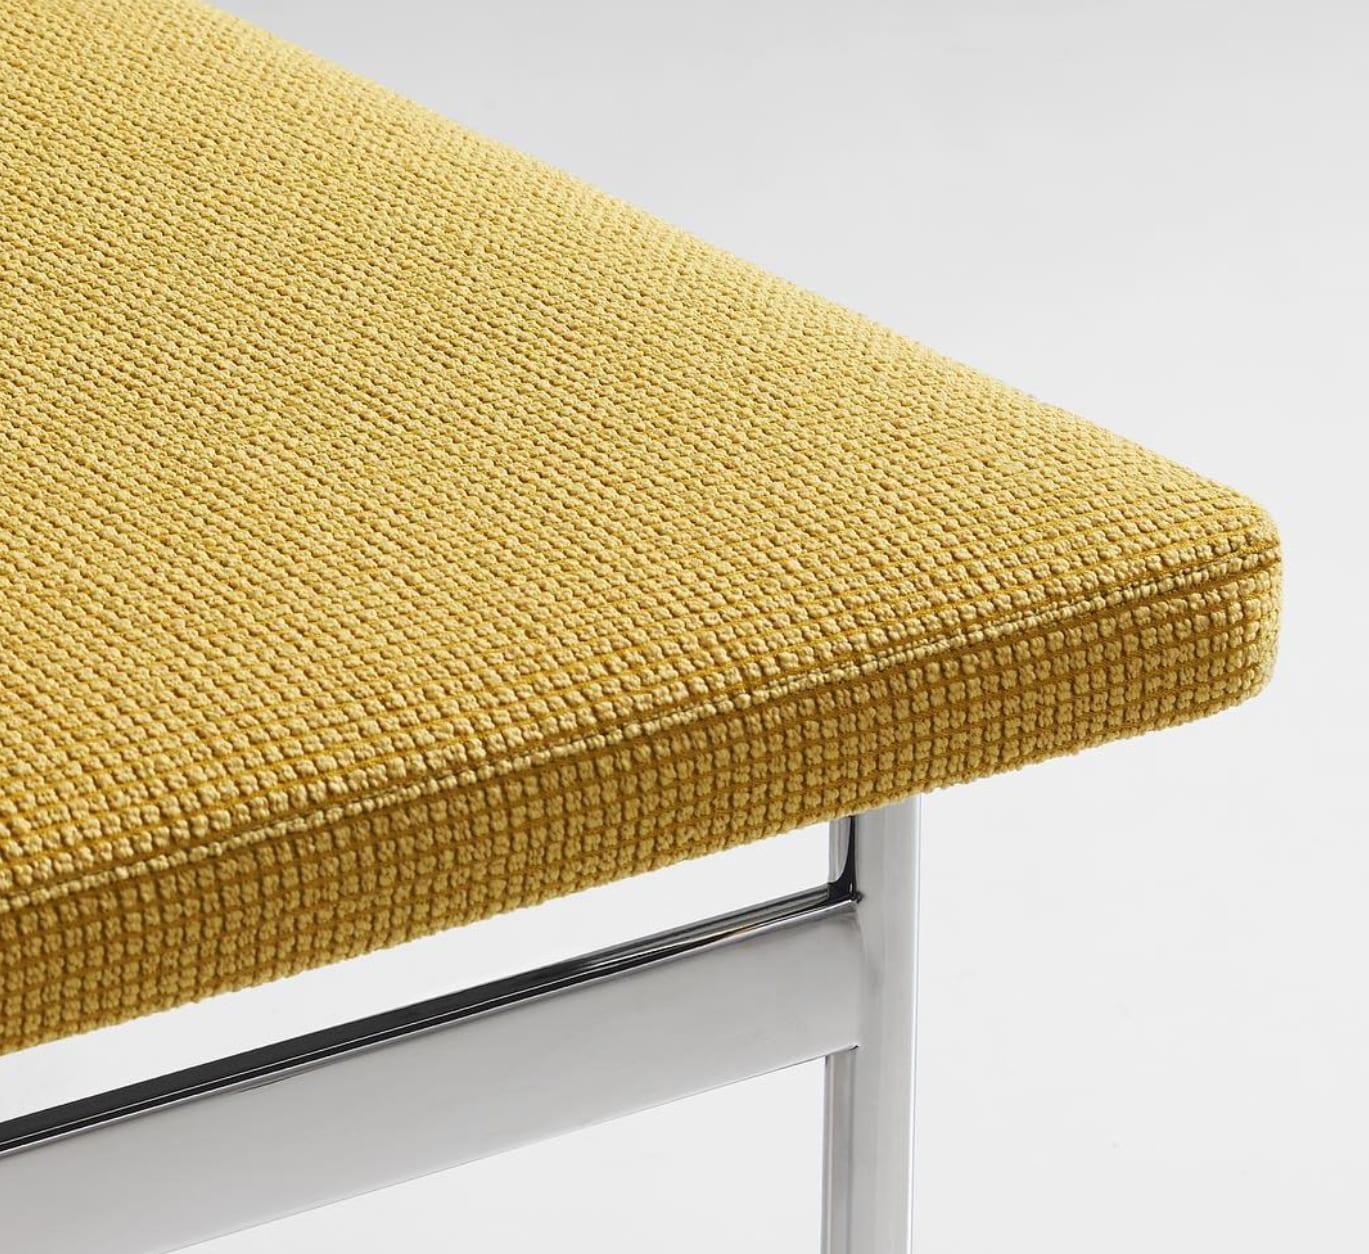 Grid Textile by Teri Figliuzzi